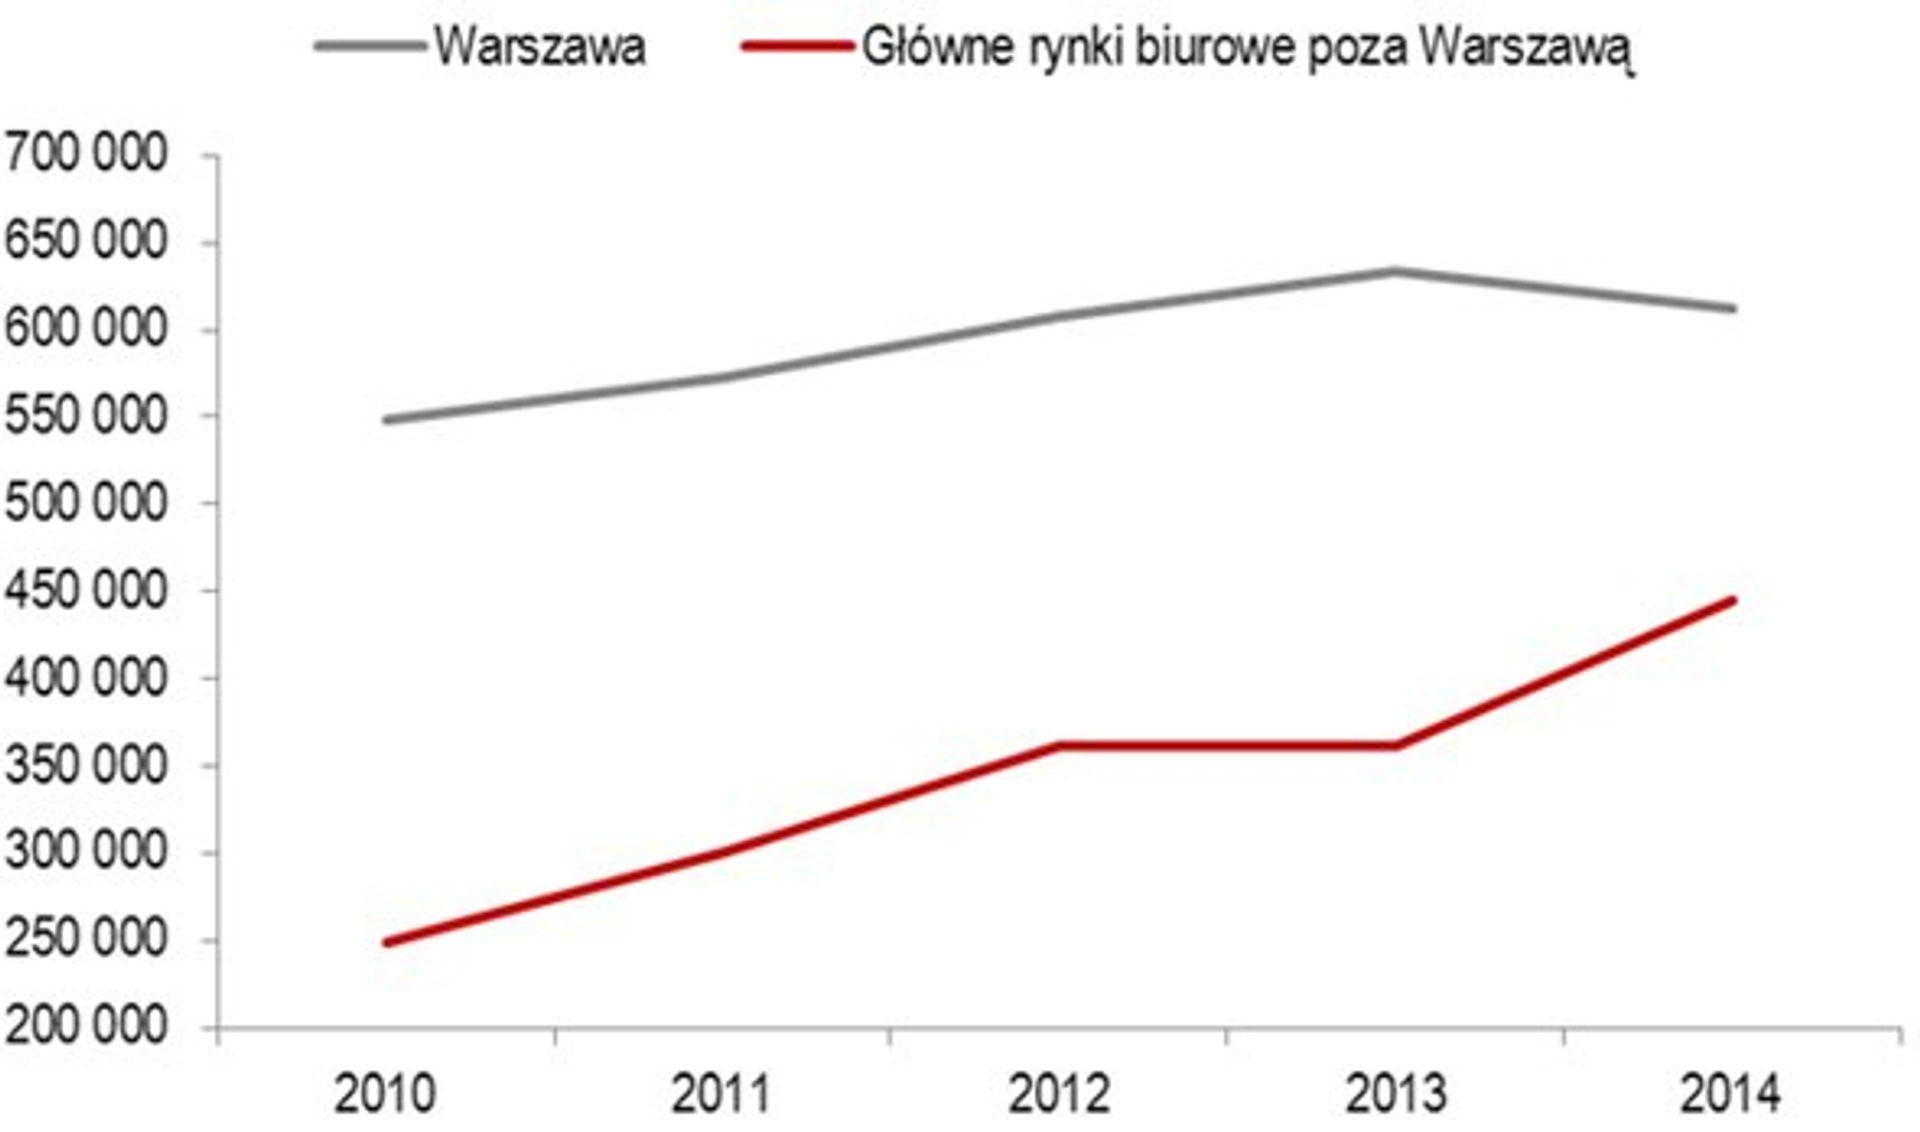 [Polska] Polska pozostaje największym rynkiem biurowym w Europie Środkowo-Wschodniej